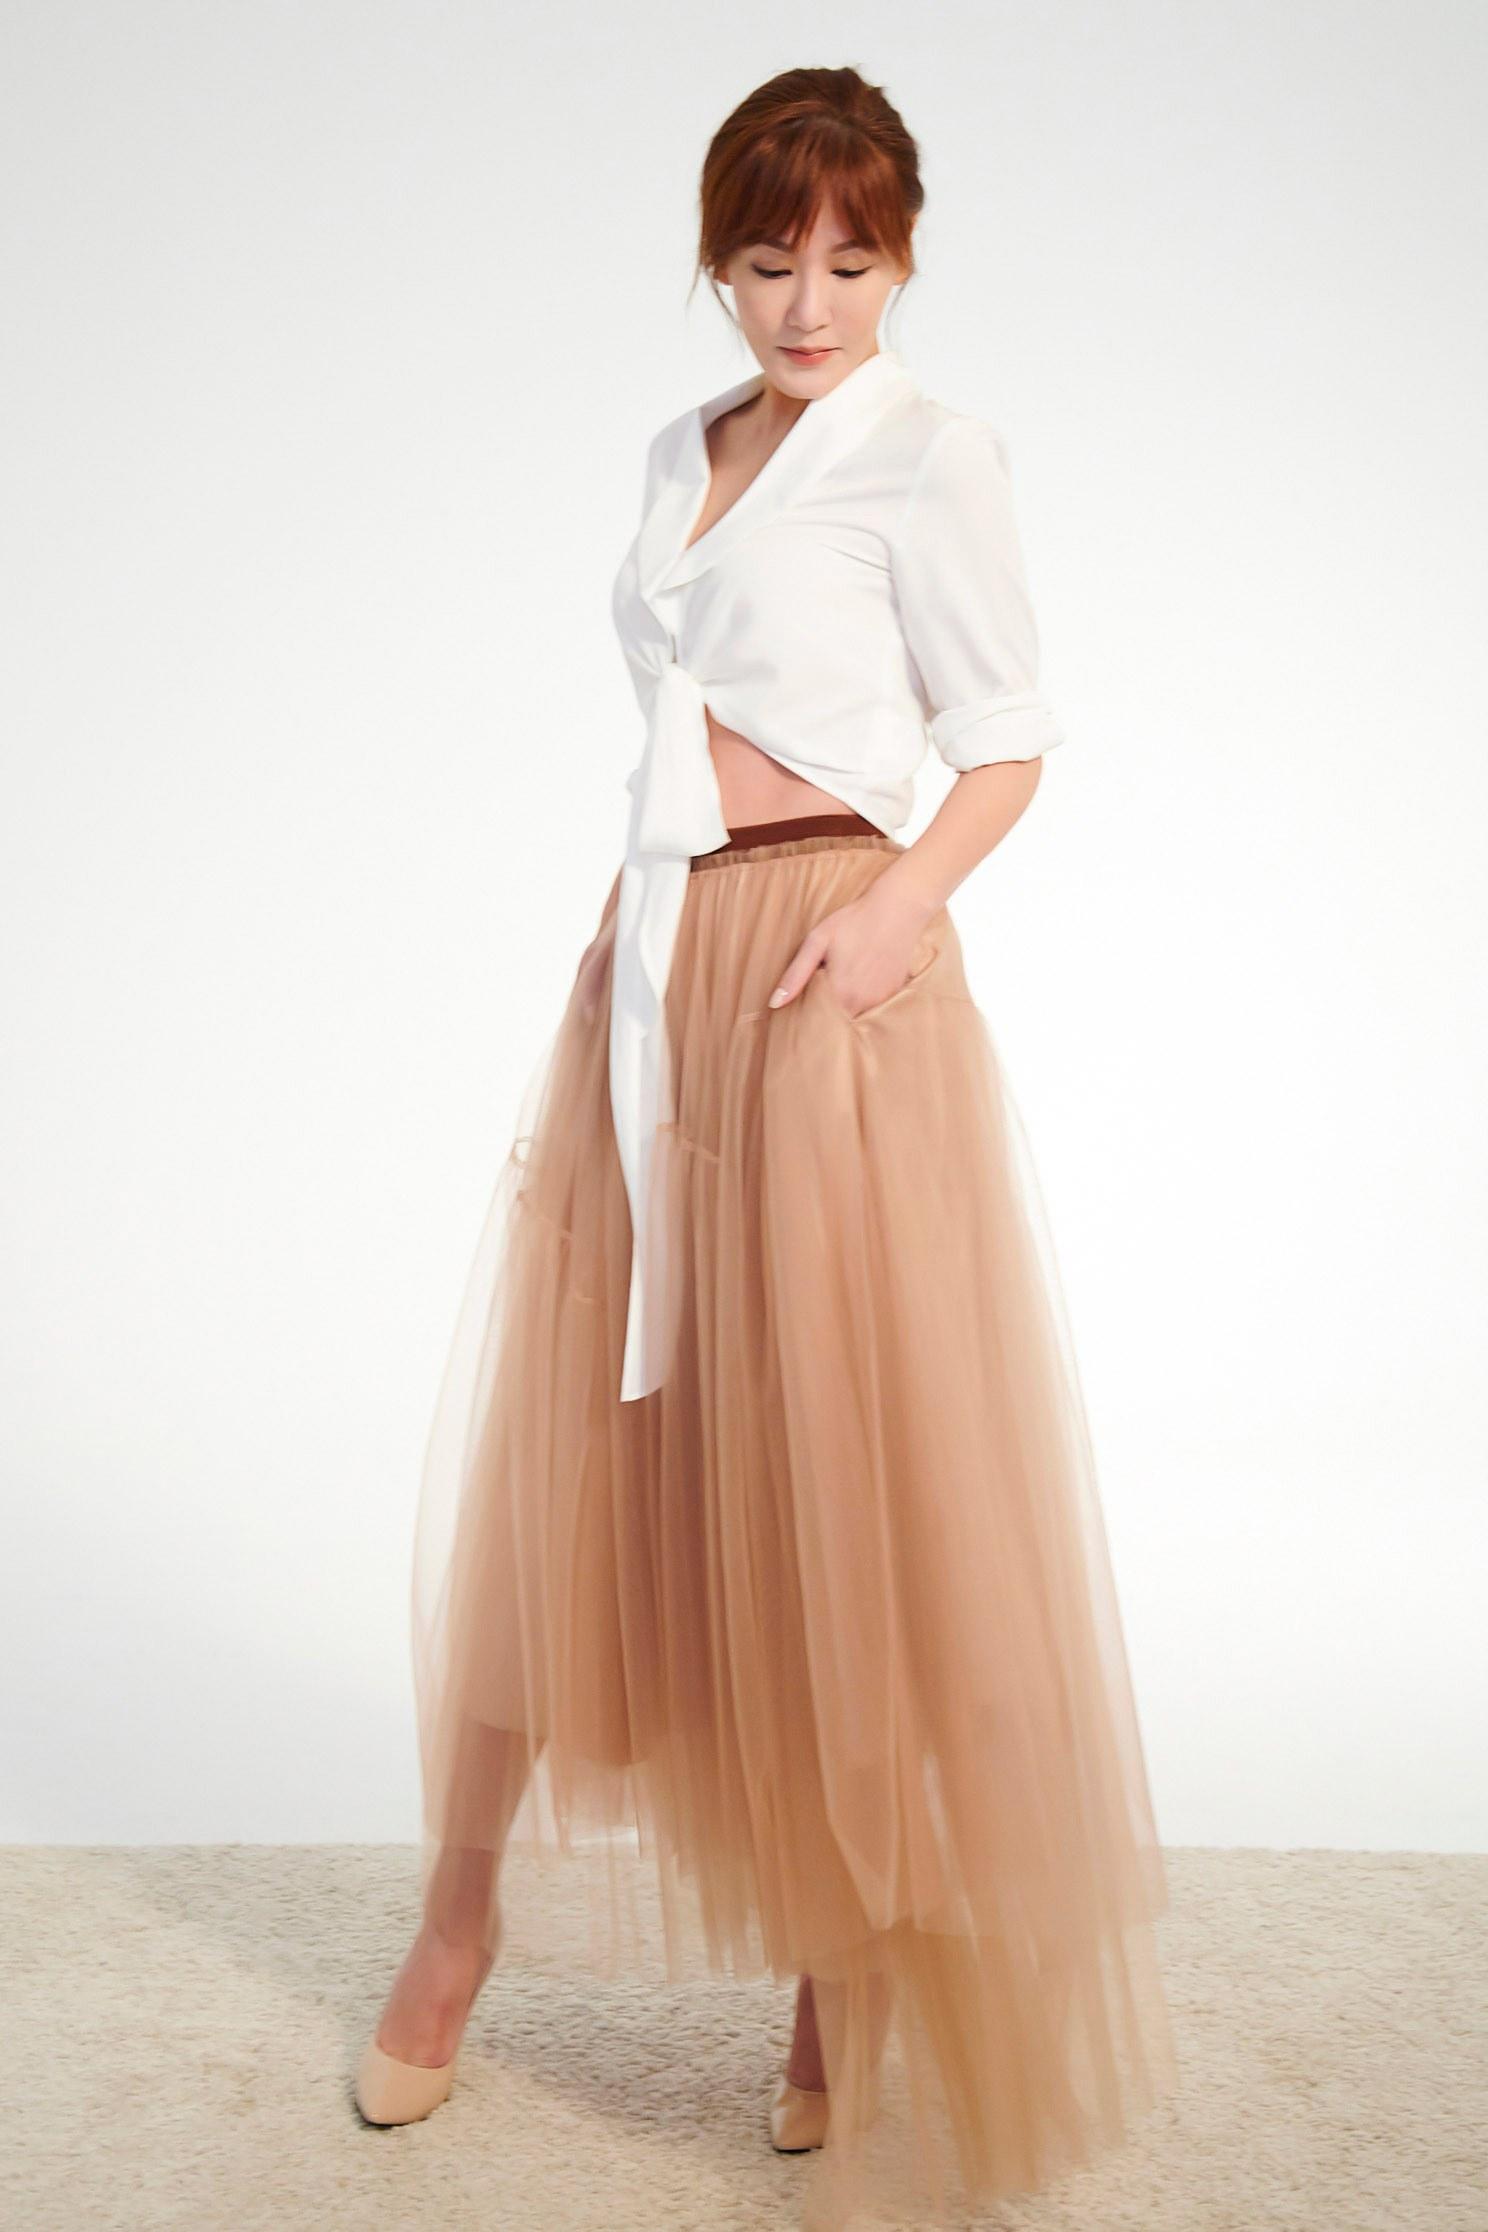 shawl collar dress set,onlinelimitededition,valentine,tulleskirt,mesh,tulleskirt,blouse,longskirt